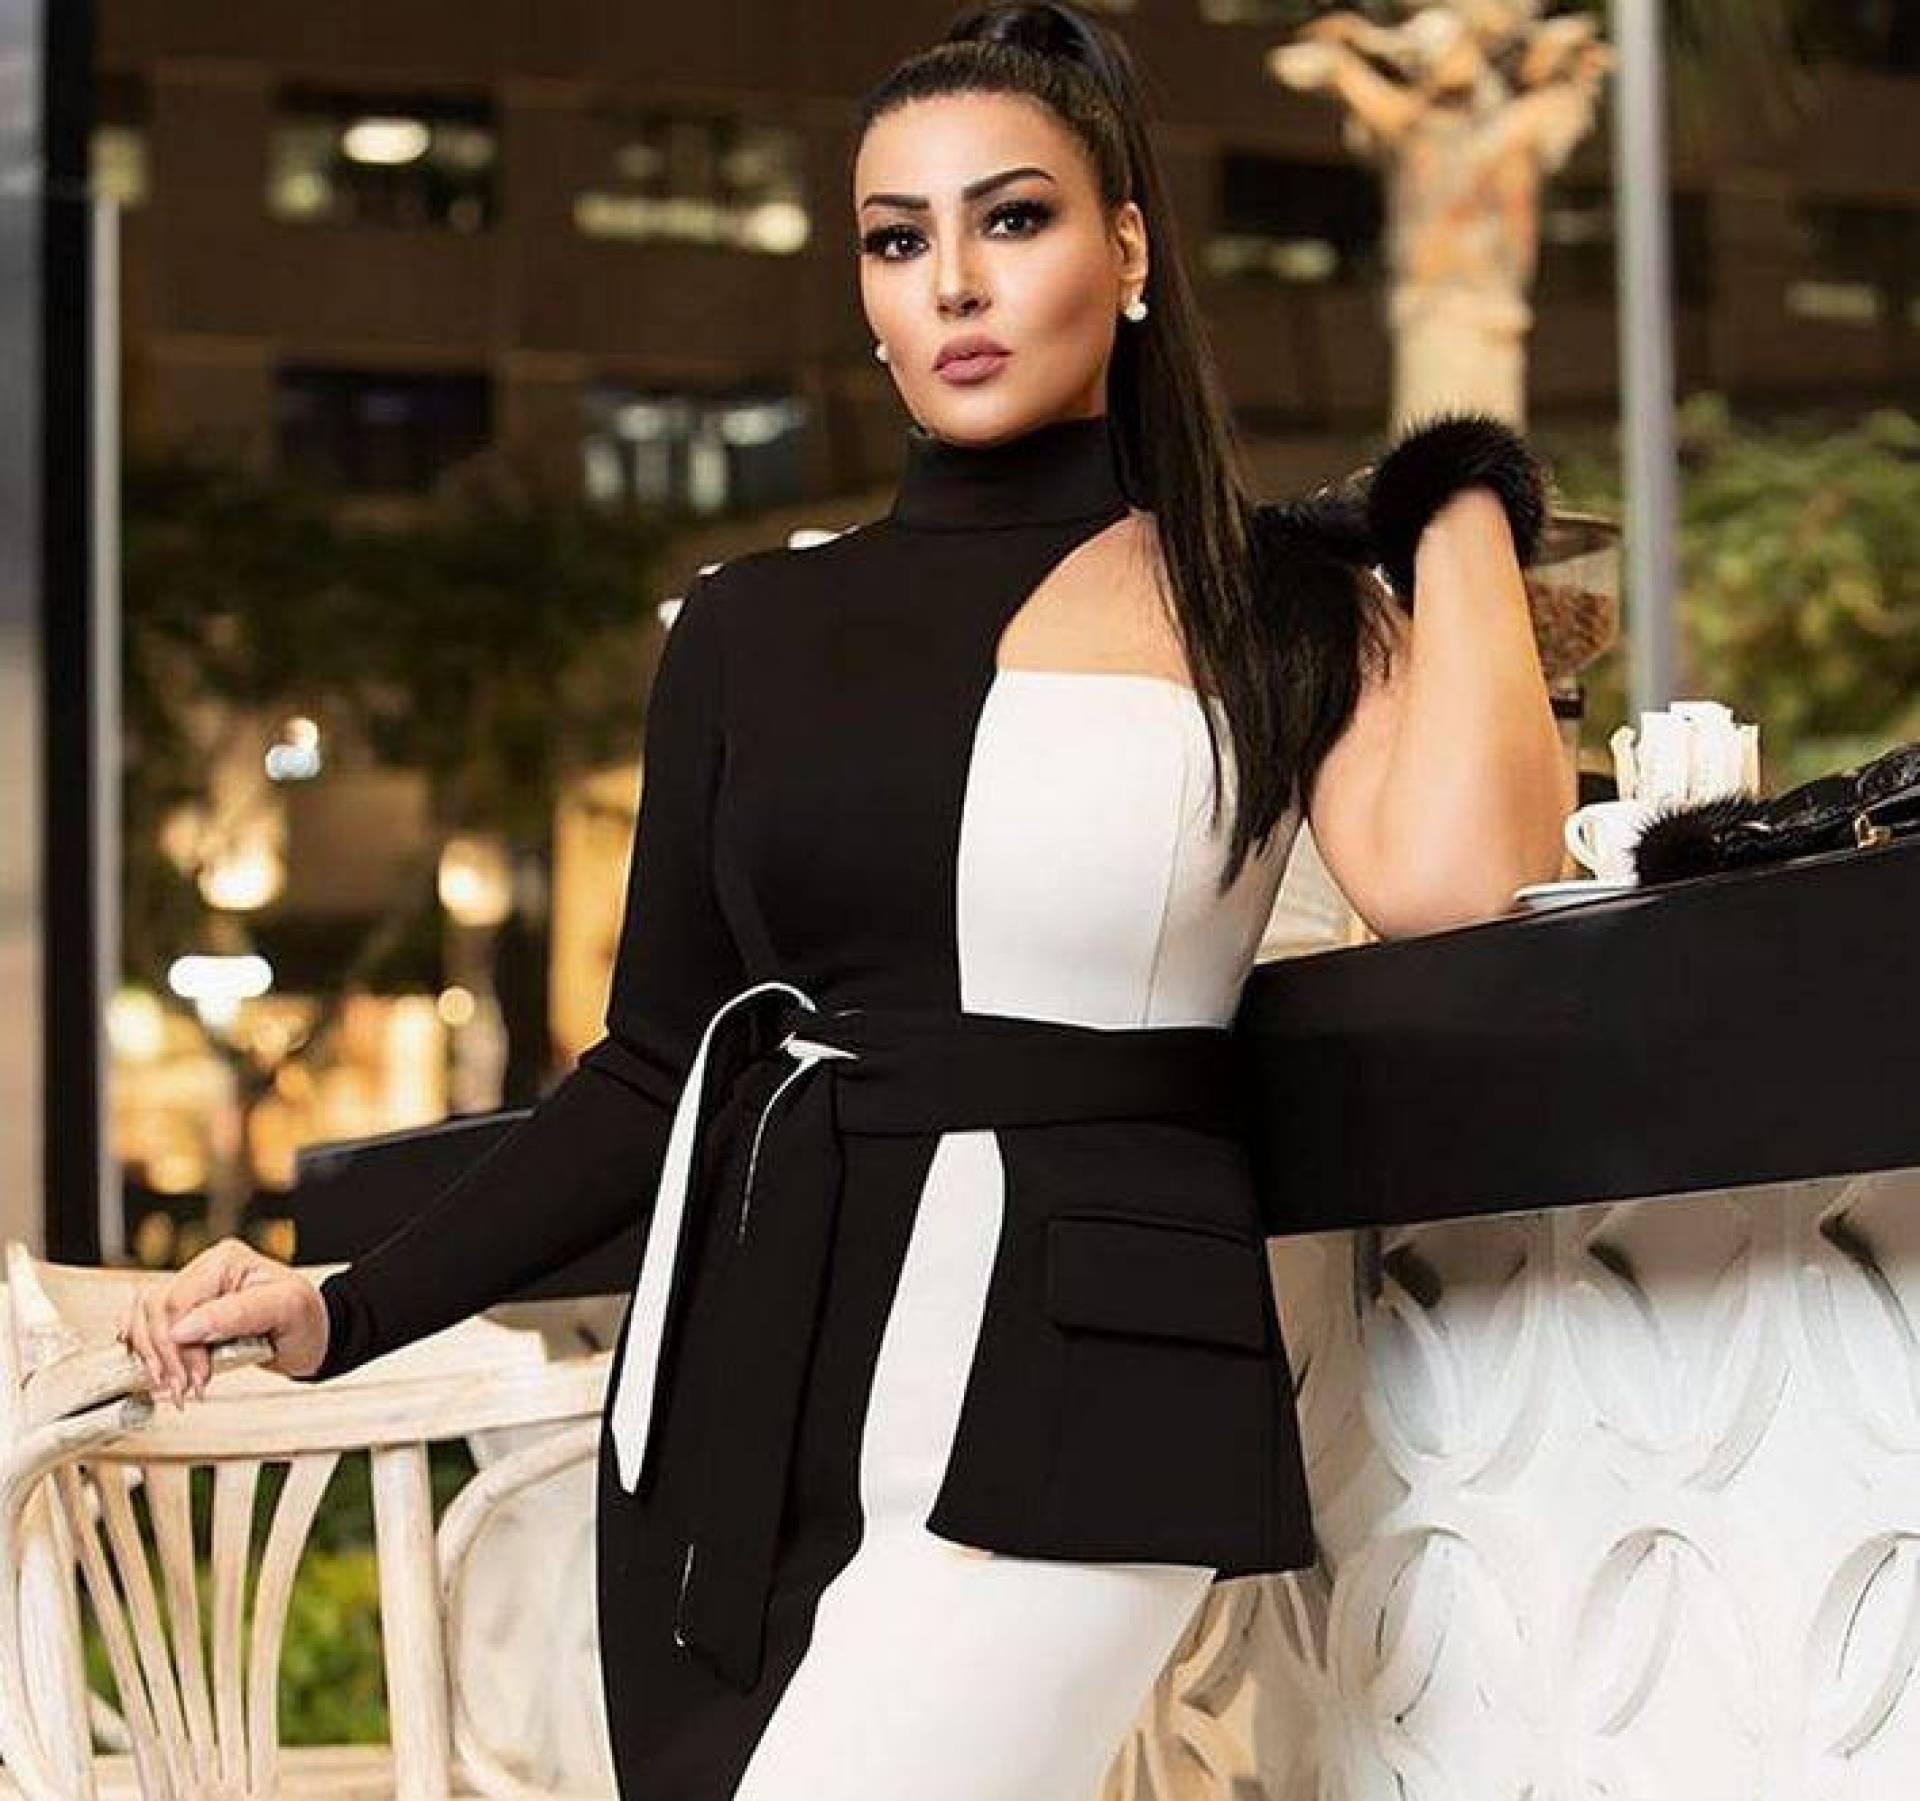 صورة فستان سميه الخشاب , سميه الخشاب واحدث فستان لها 5926 6